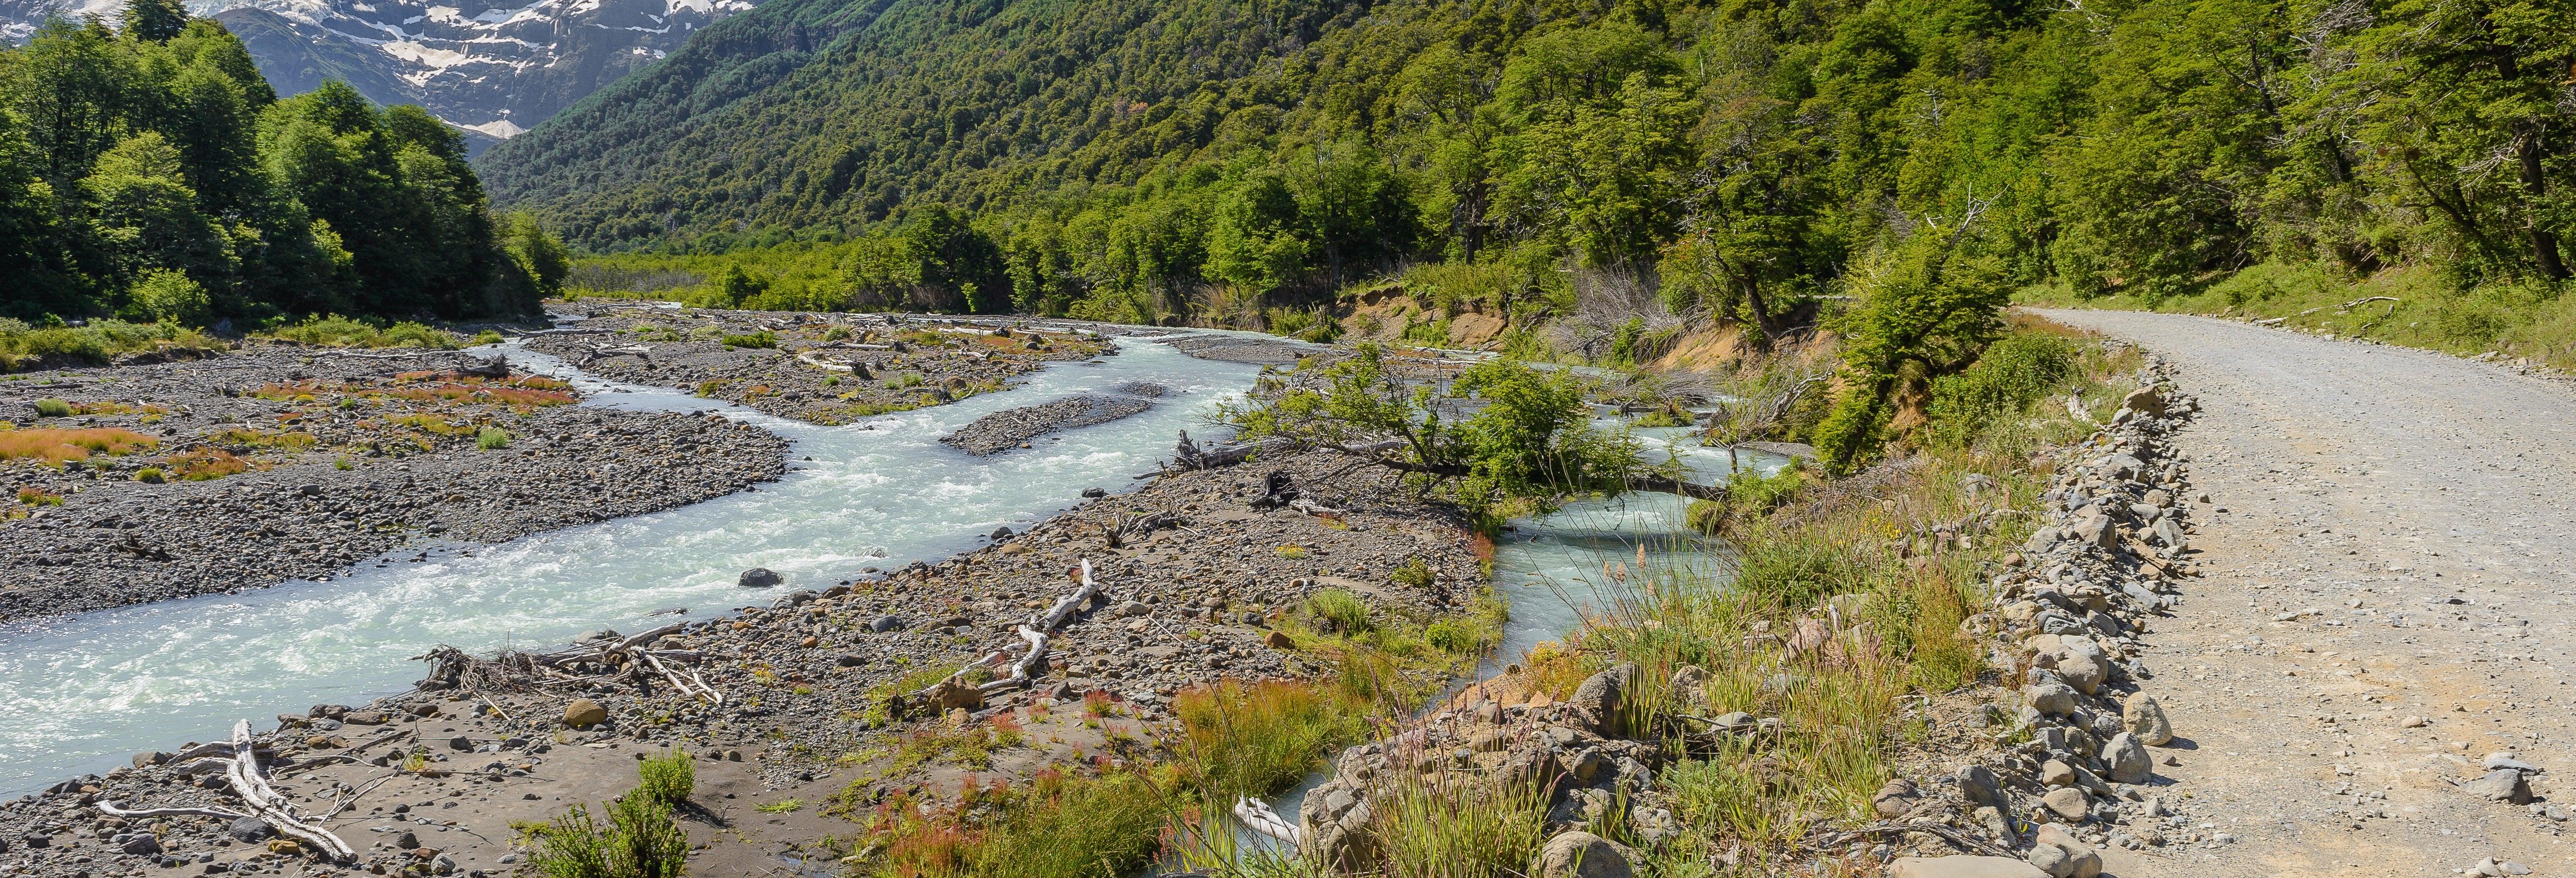 Excursão ao Cerro Tronador